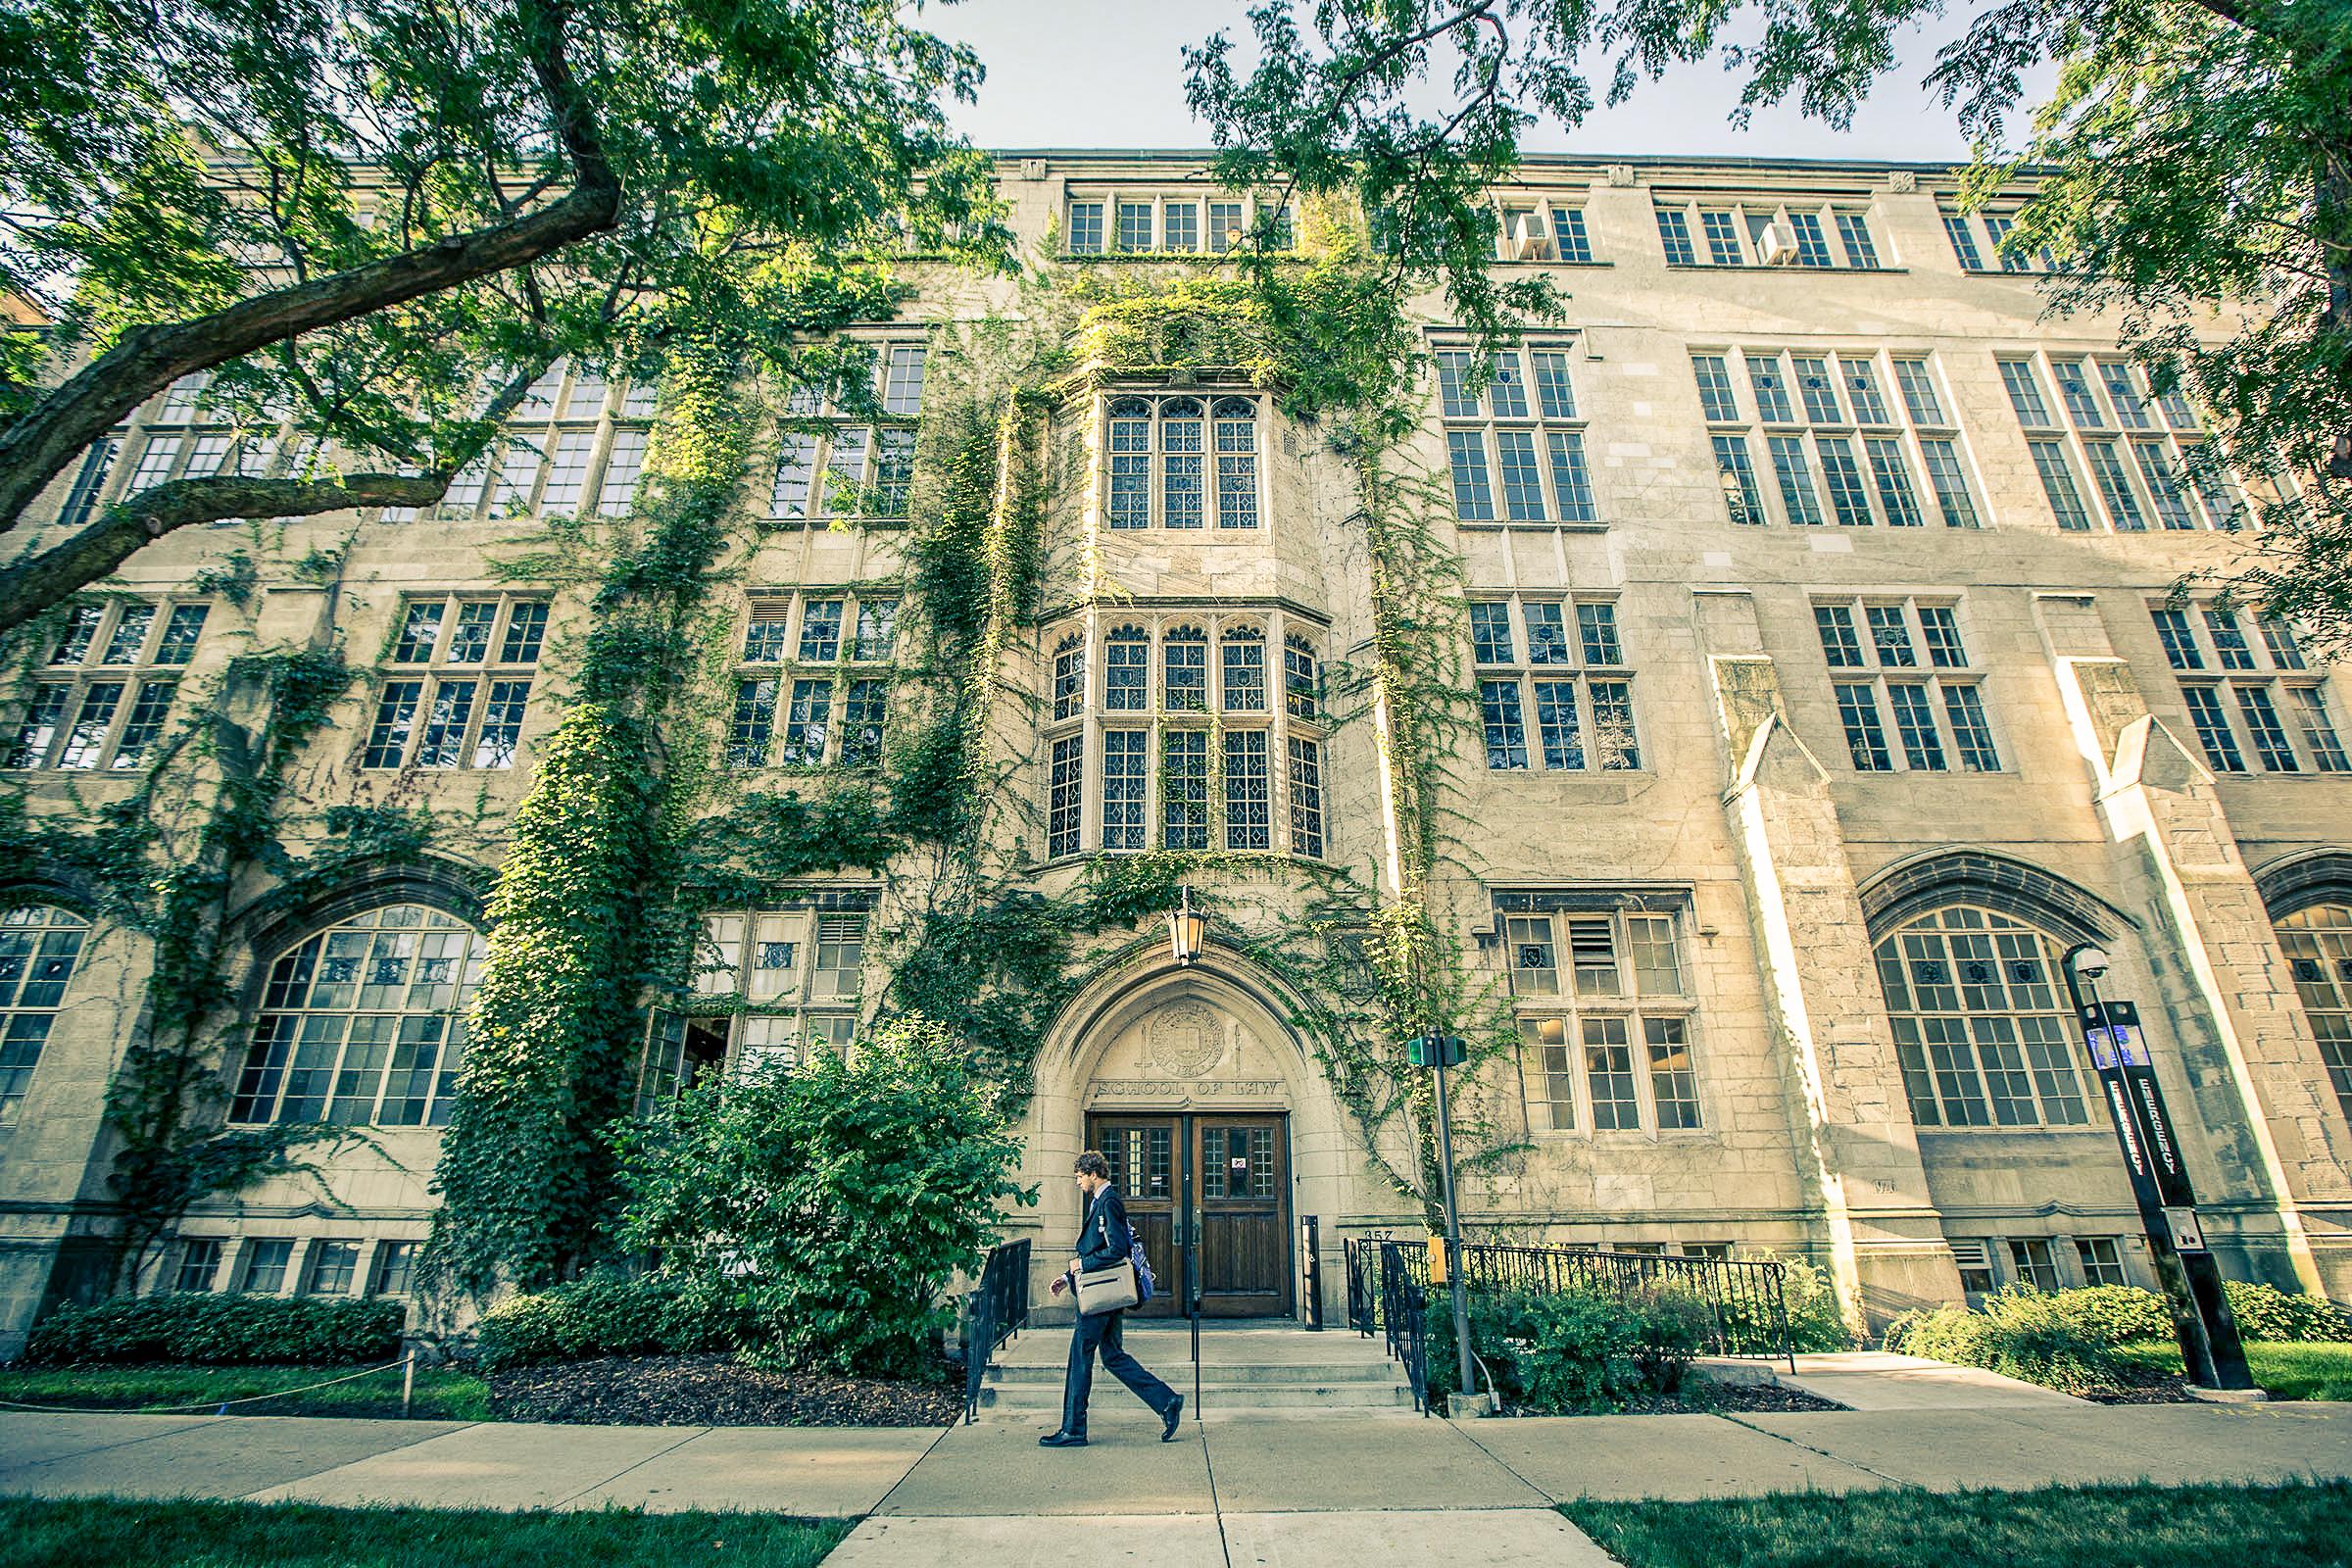 Por dentro da Universidade Northwestern: uma desconhecida muito ilustre